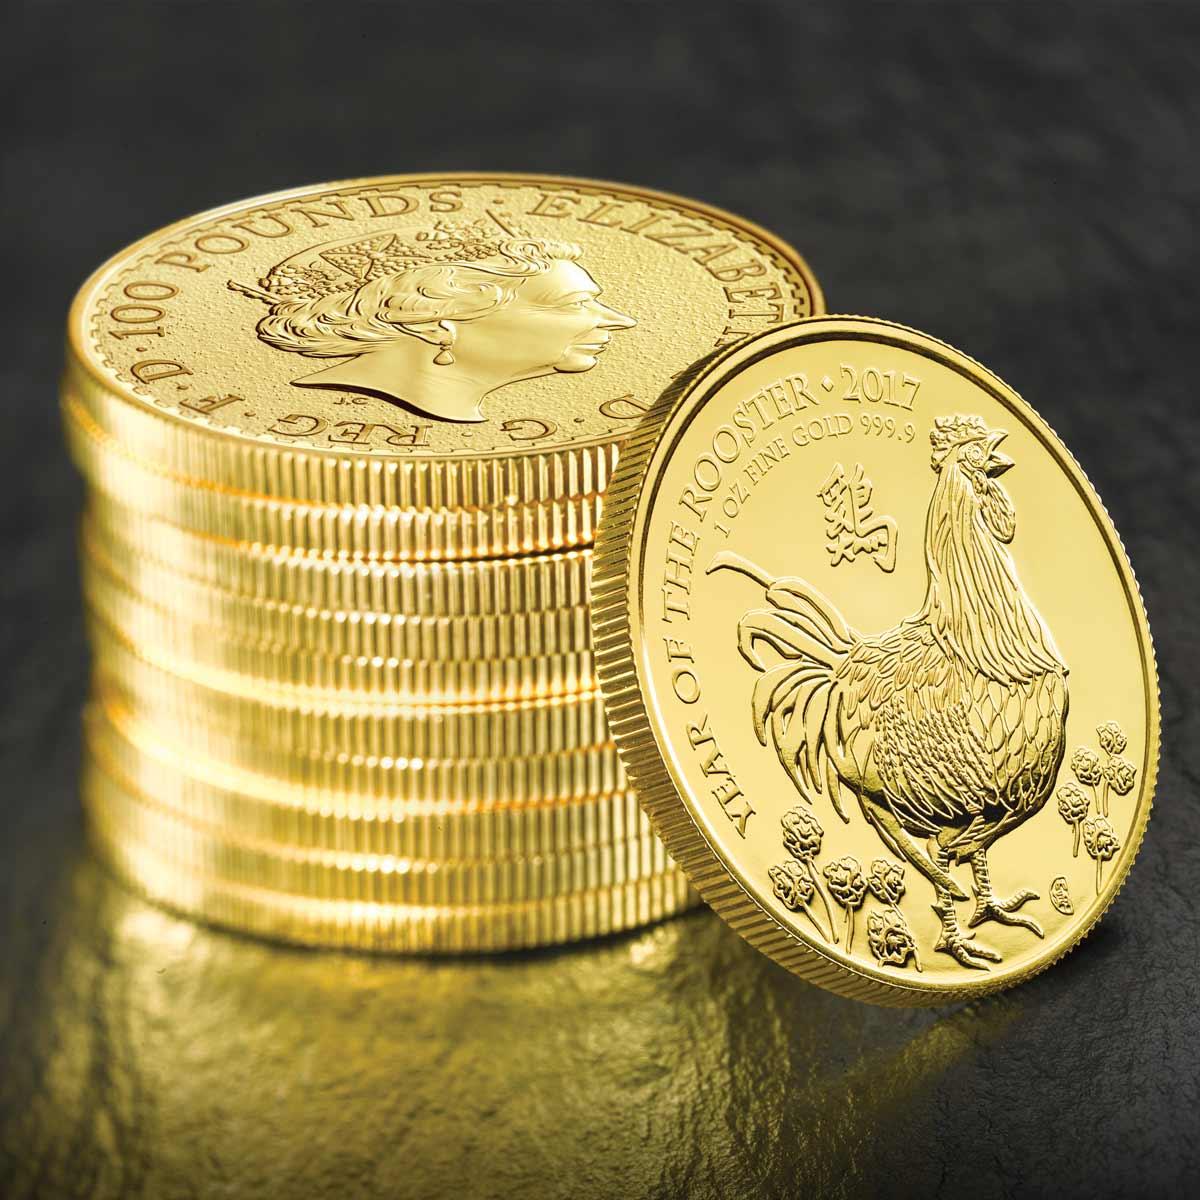 Pile de pièces d'or Coq Grande Bretagne 2017